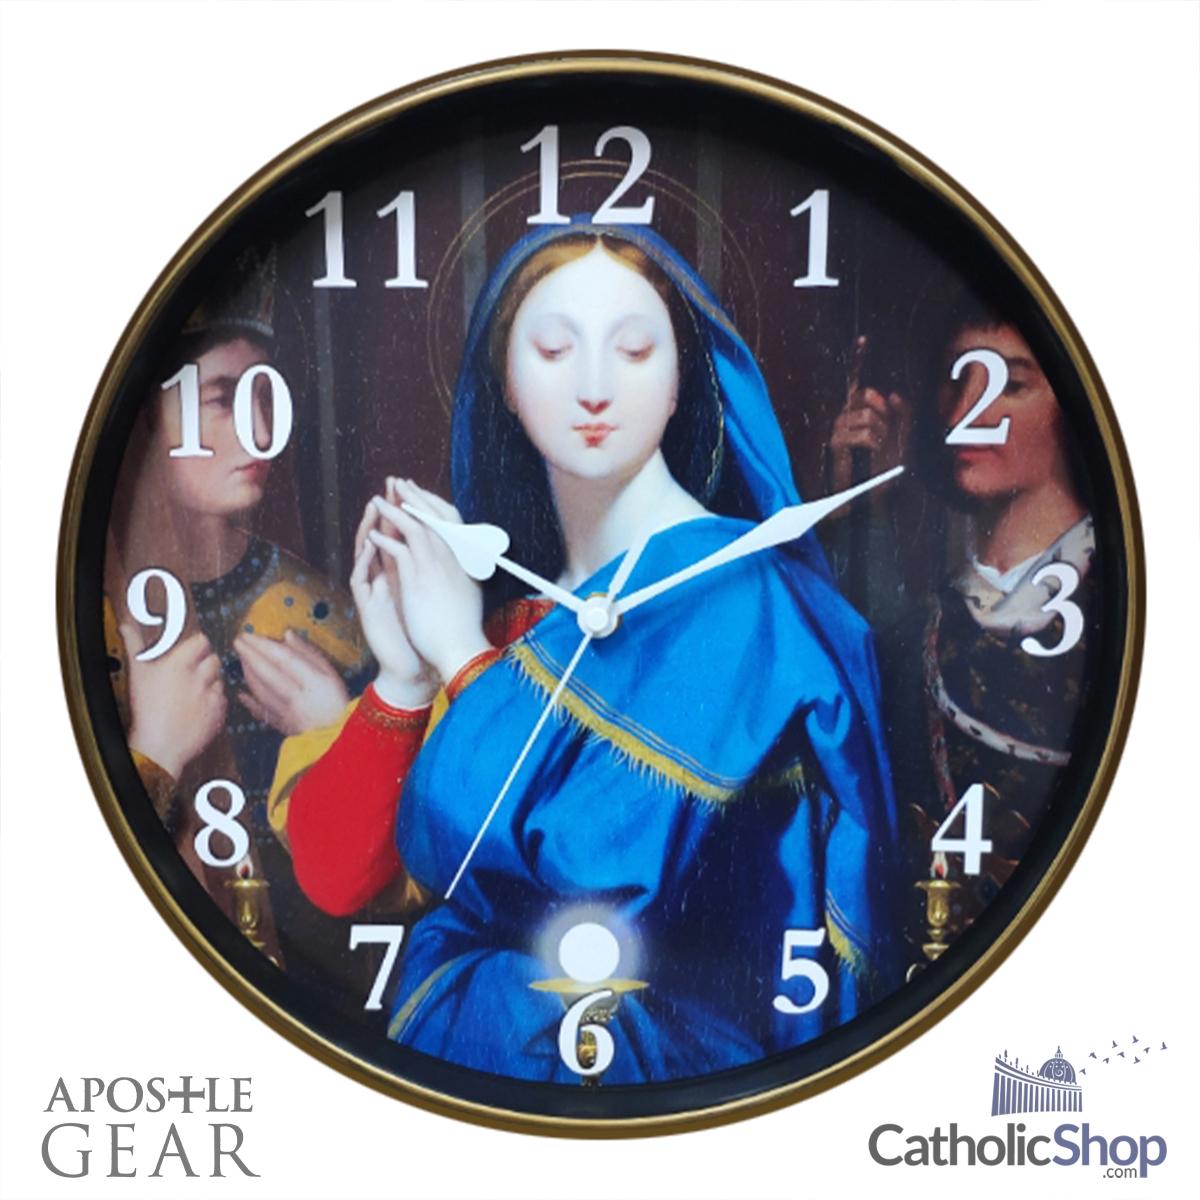 Virgin Mary clock